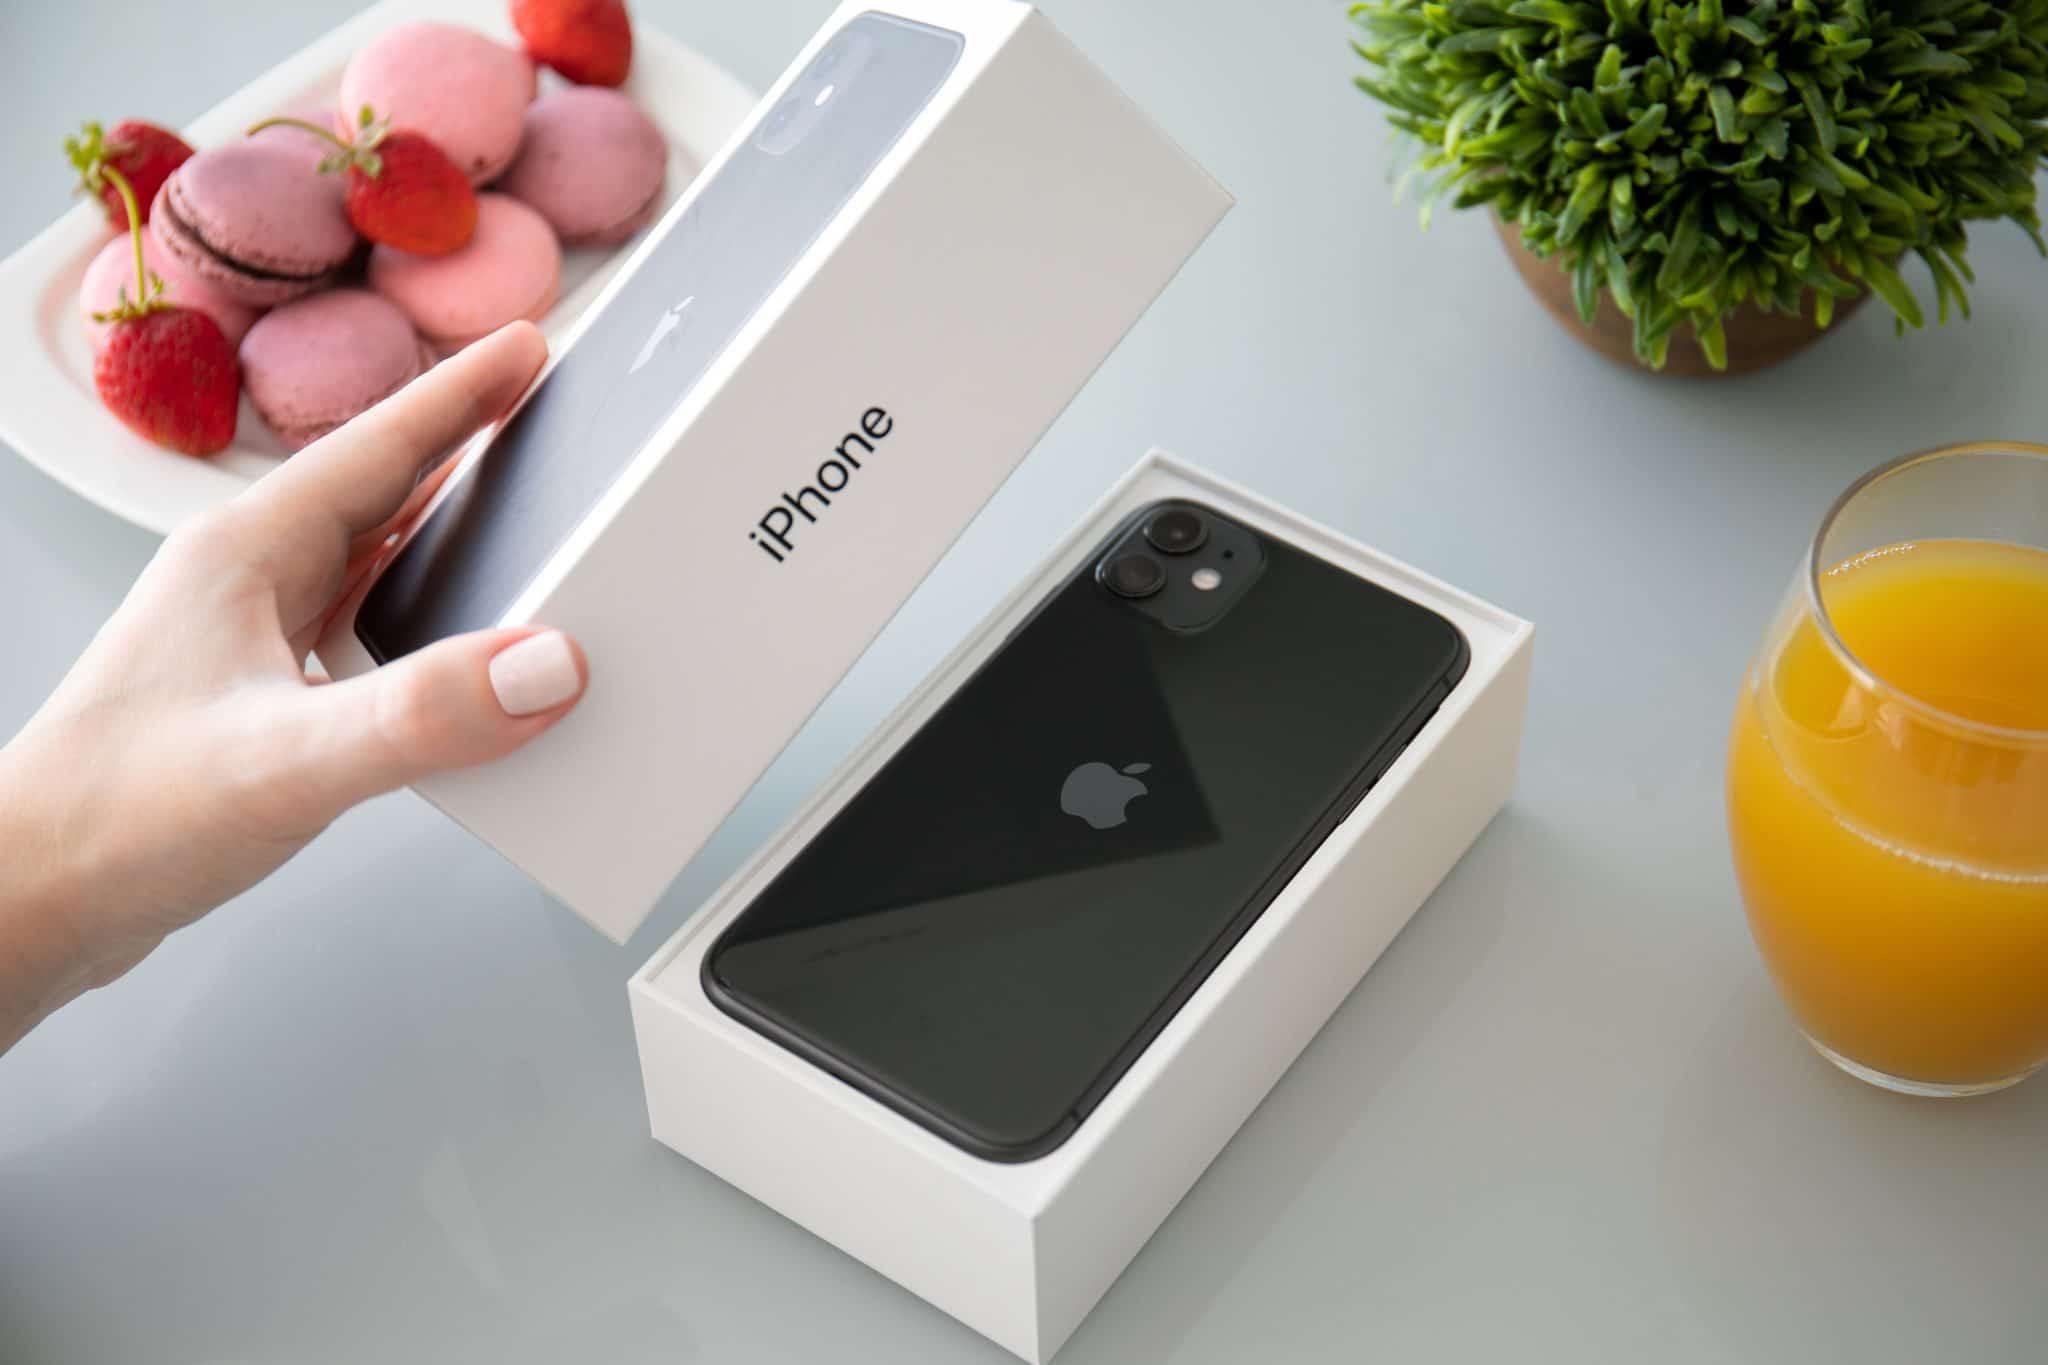 ¡No compres iPhone ahora! ¿Por qué este es el peor momento para cambiar tu teléfono?